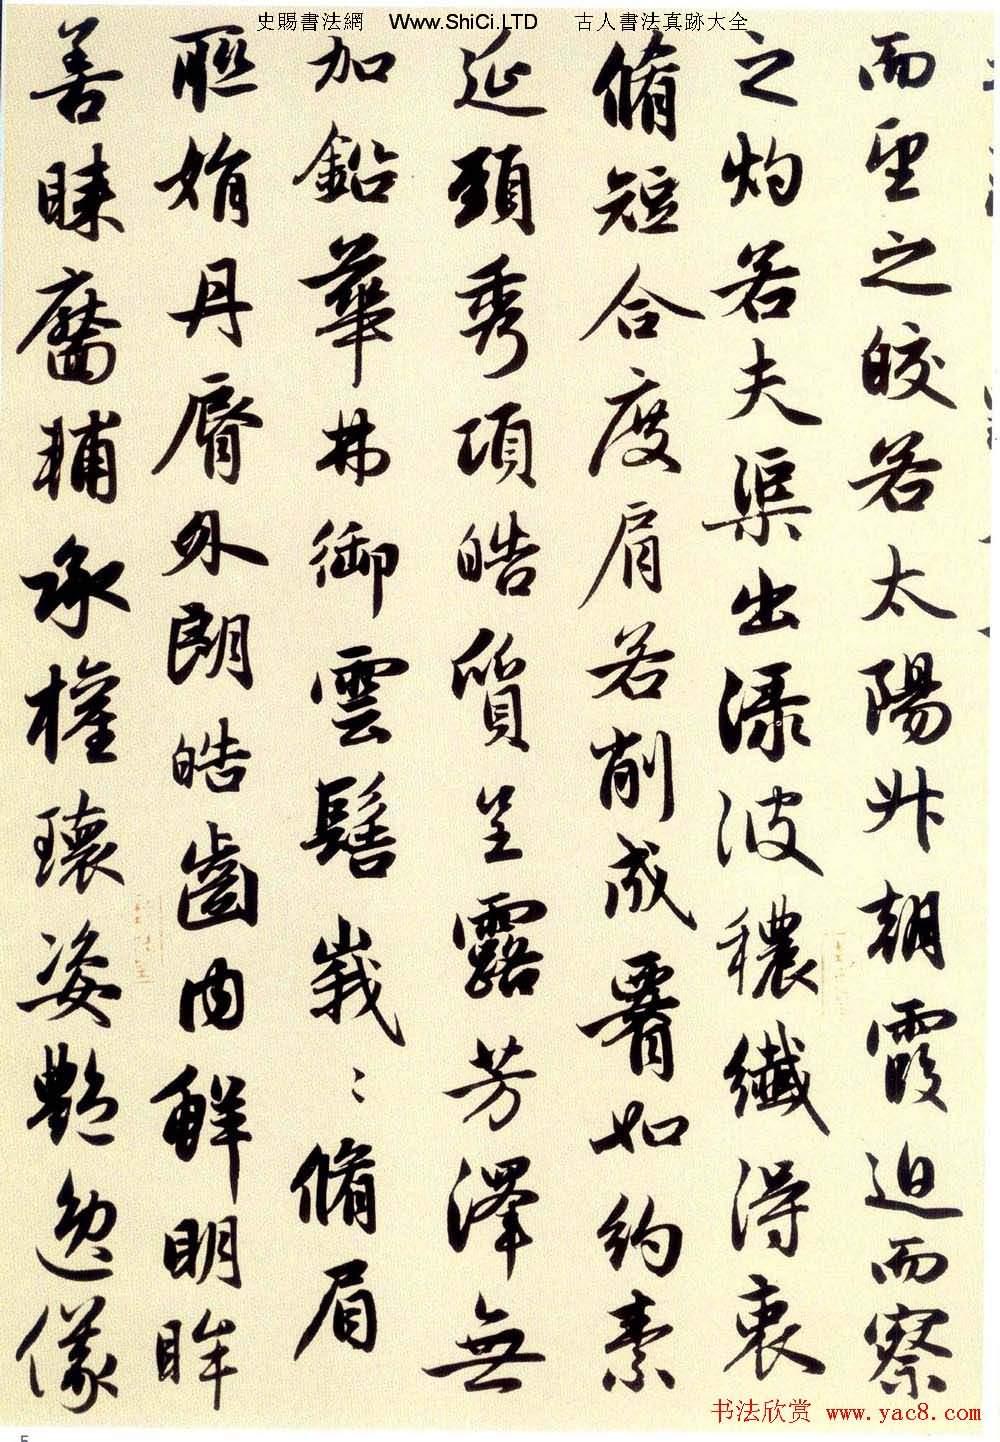 趙孟俯書法長卷《洛神賦》大圖